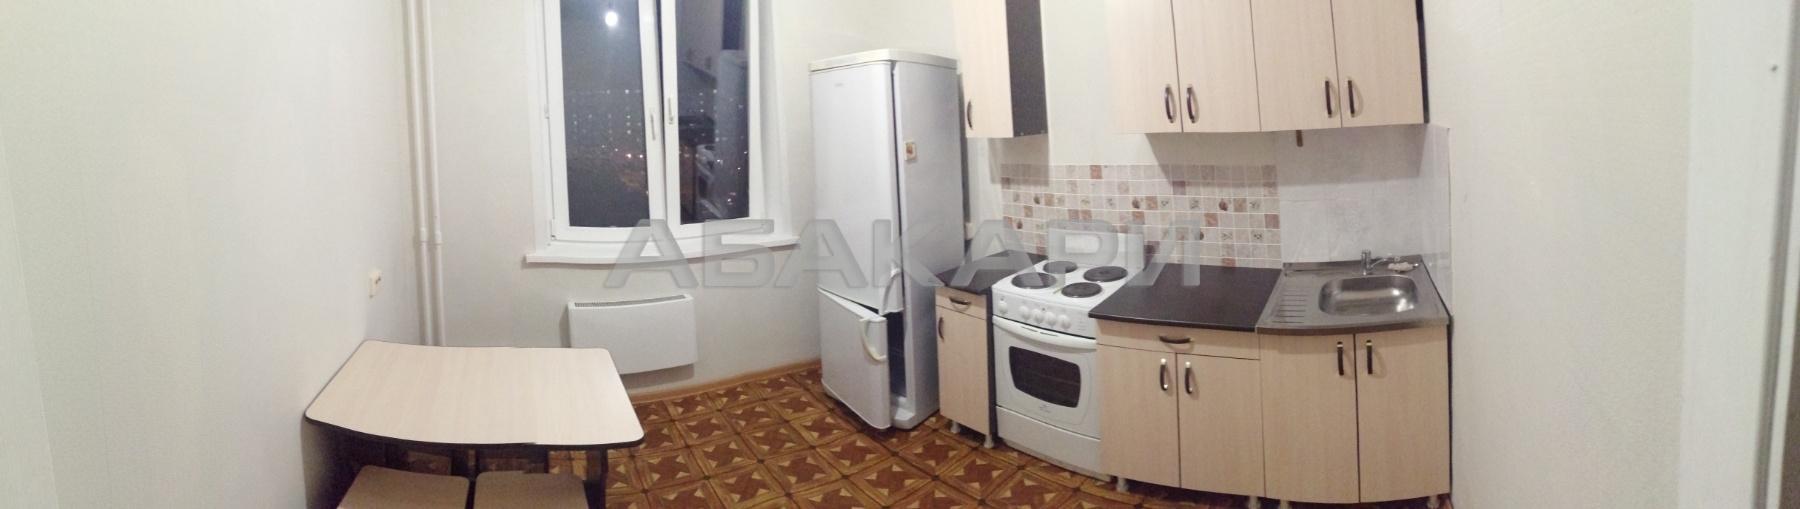 1к квартира улица 9-го Мая, 10 | 15000 | аренда в Красноярске фото 2